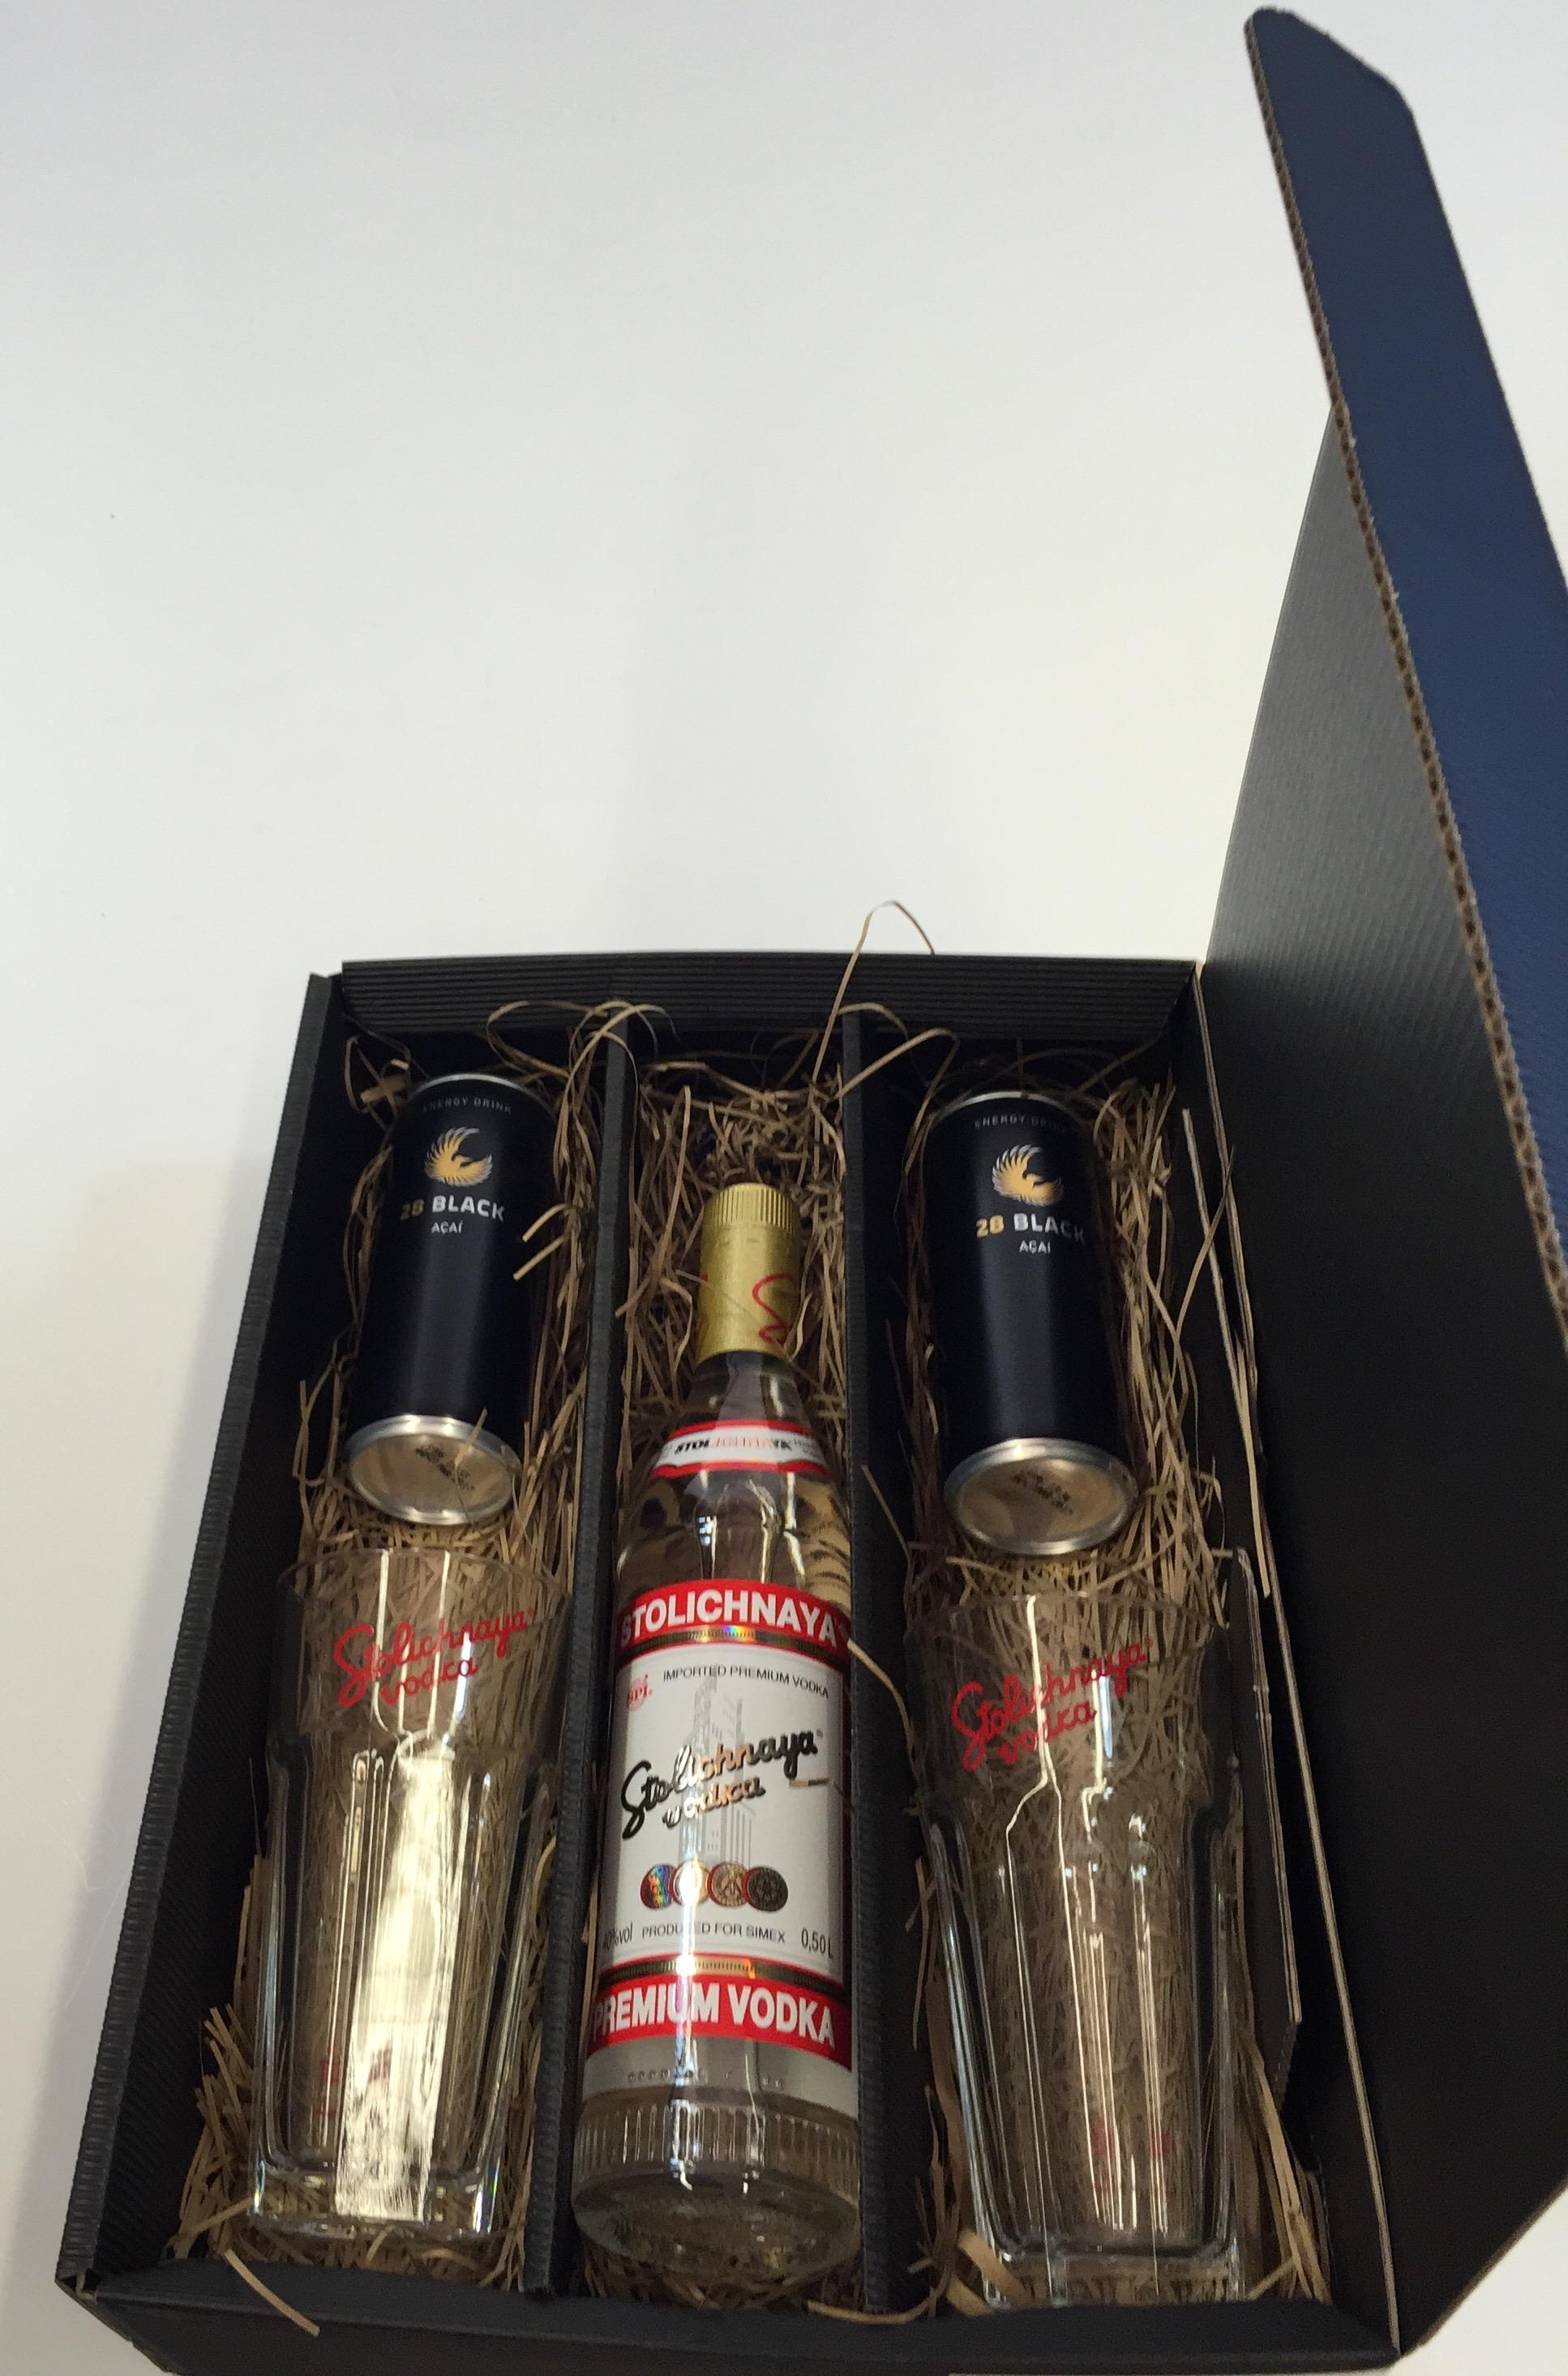 Stolichnaya Vodka Set / Geschenkset - Stolichnaya Vodka 500ml (40% Vol) + 2x Gläser + 2x 28 Black 250ml